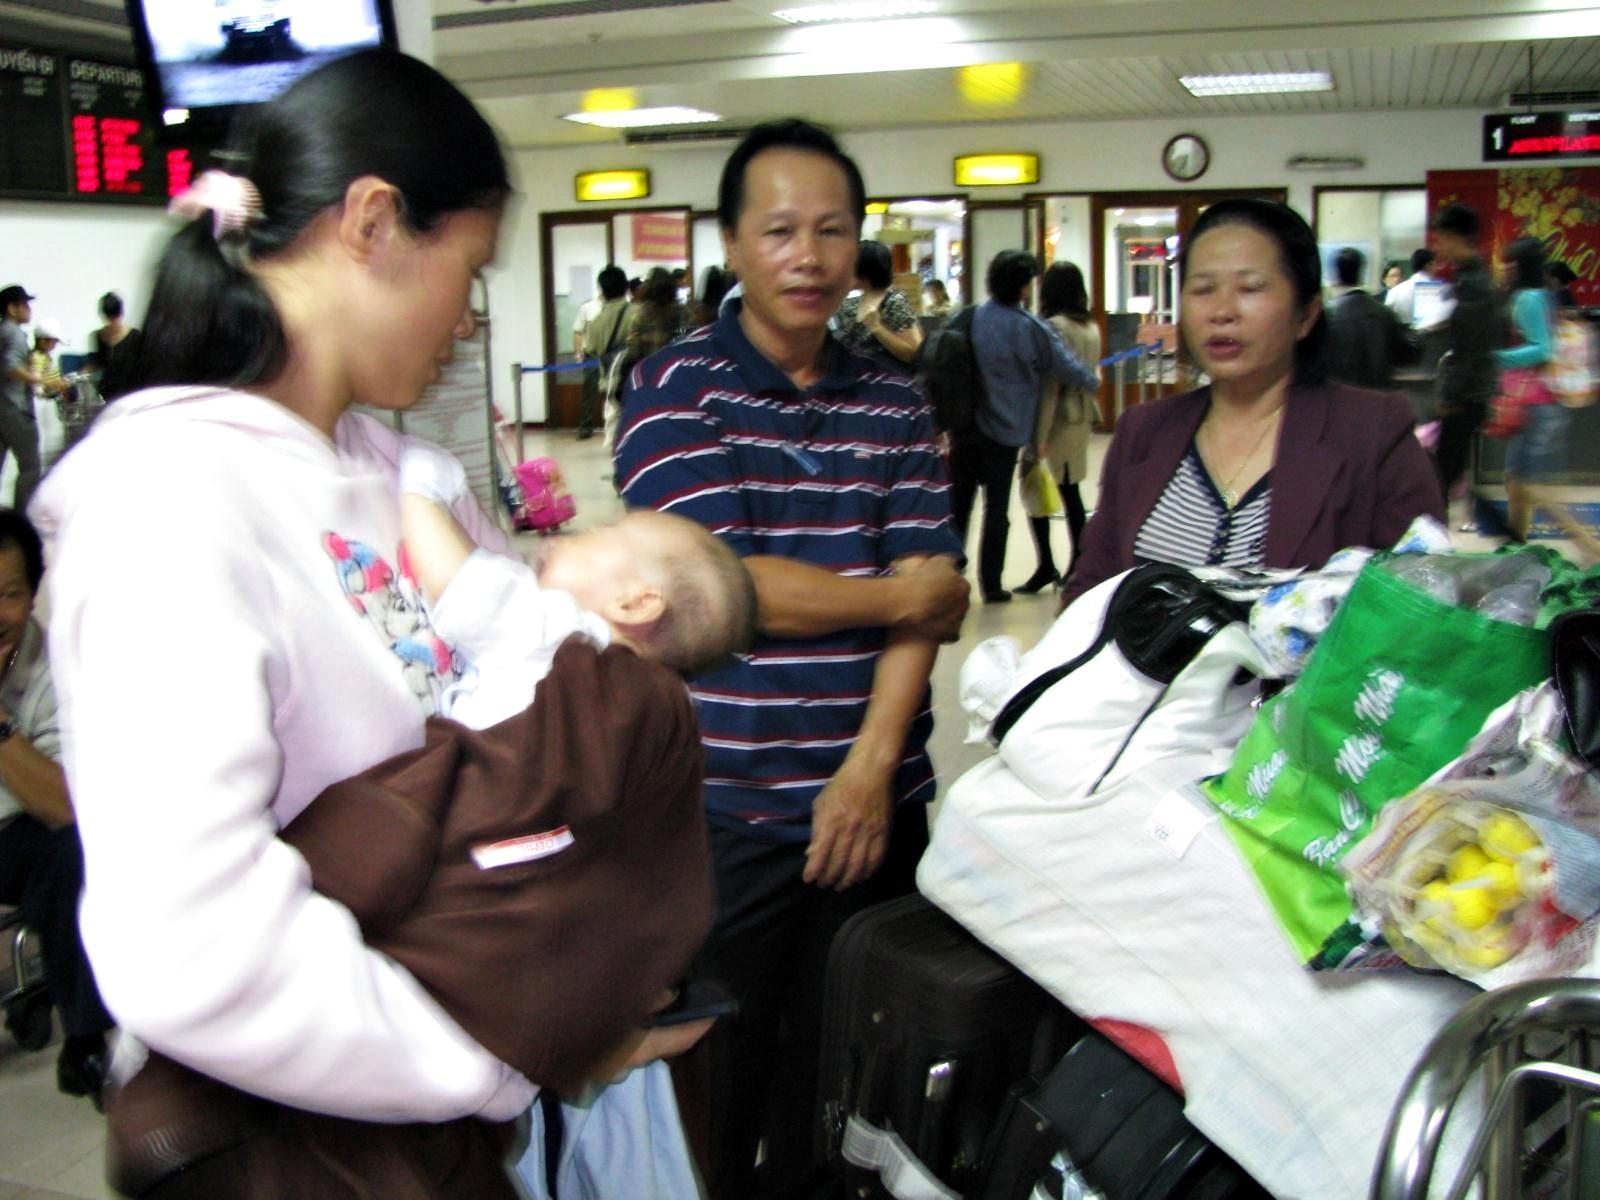 """Hành khách bức xúc vì Vietnam Airlines """"đem con bỏ chợ"""" - 3"""